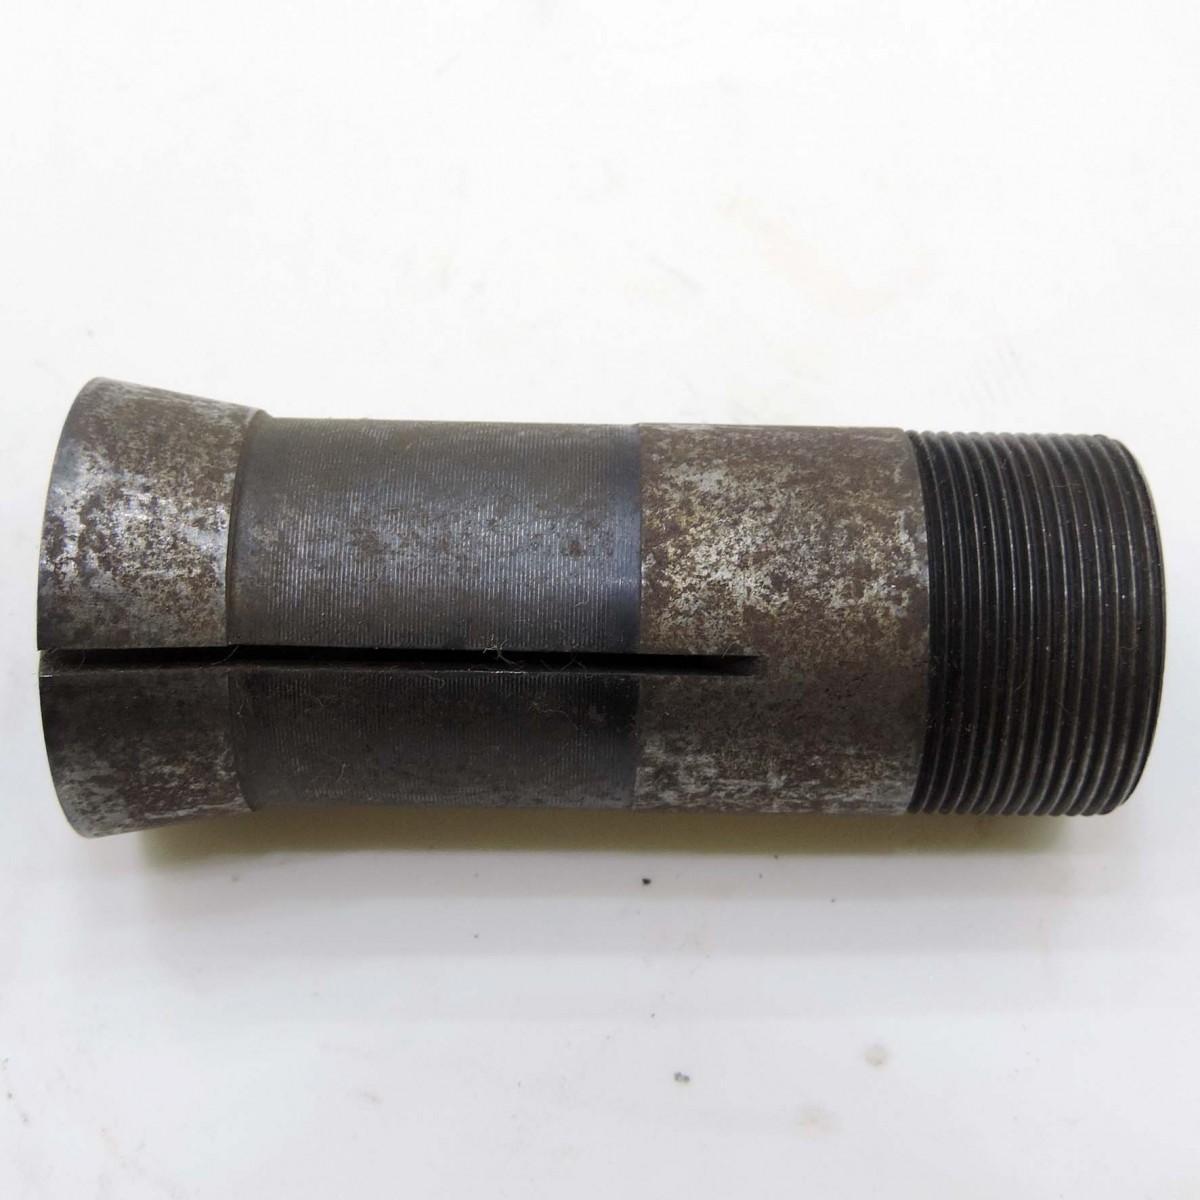 Pinça Para Afiadora / Fresadora Universal De 14 mm - SC358 - Usada